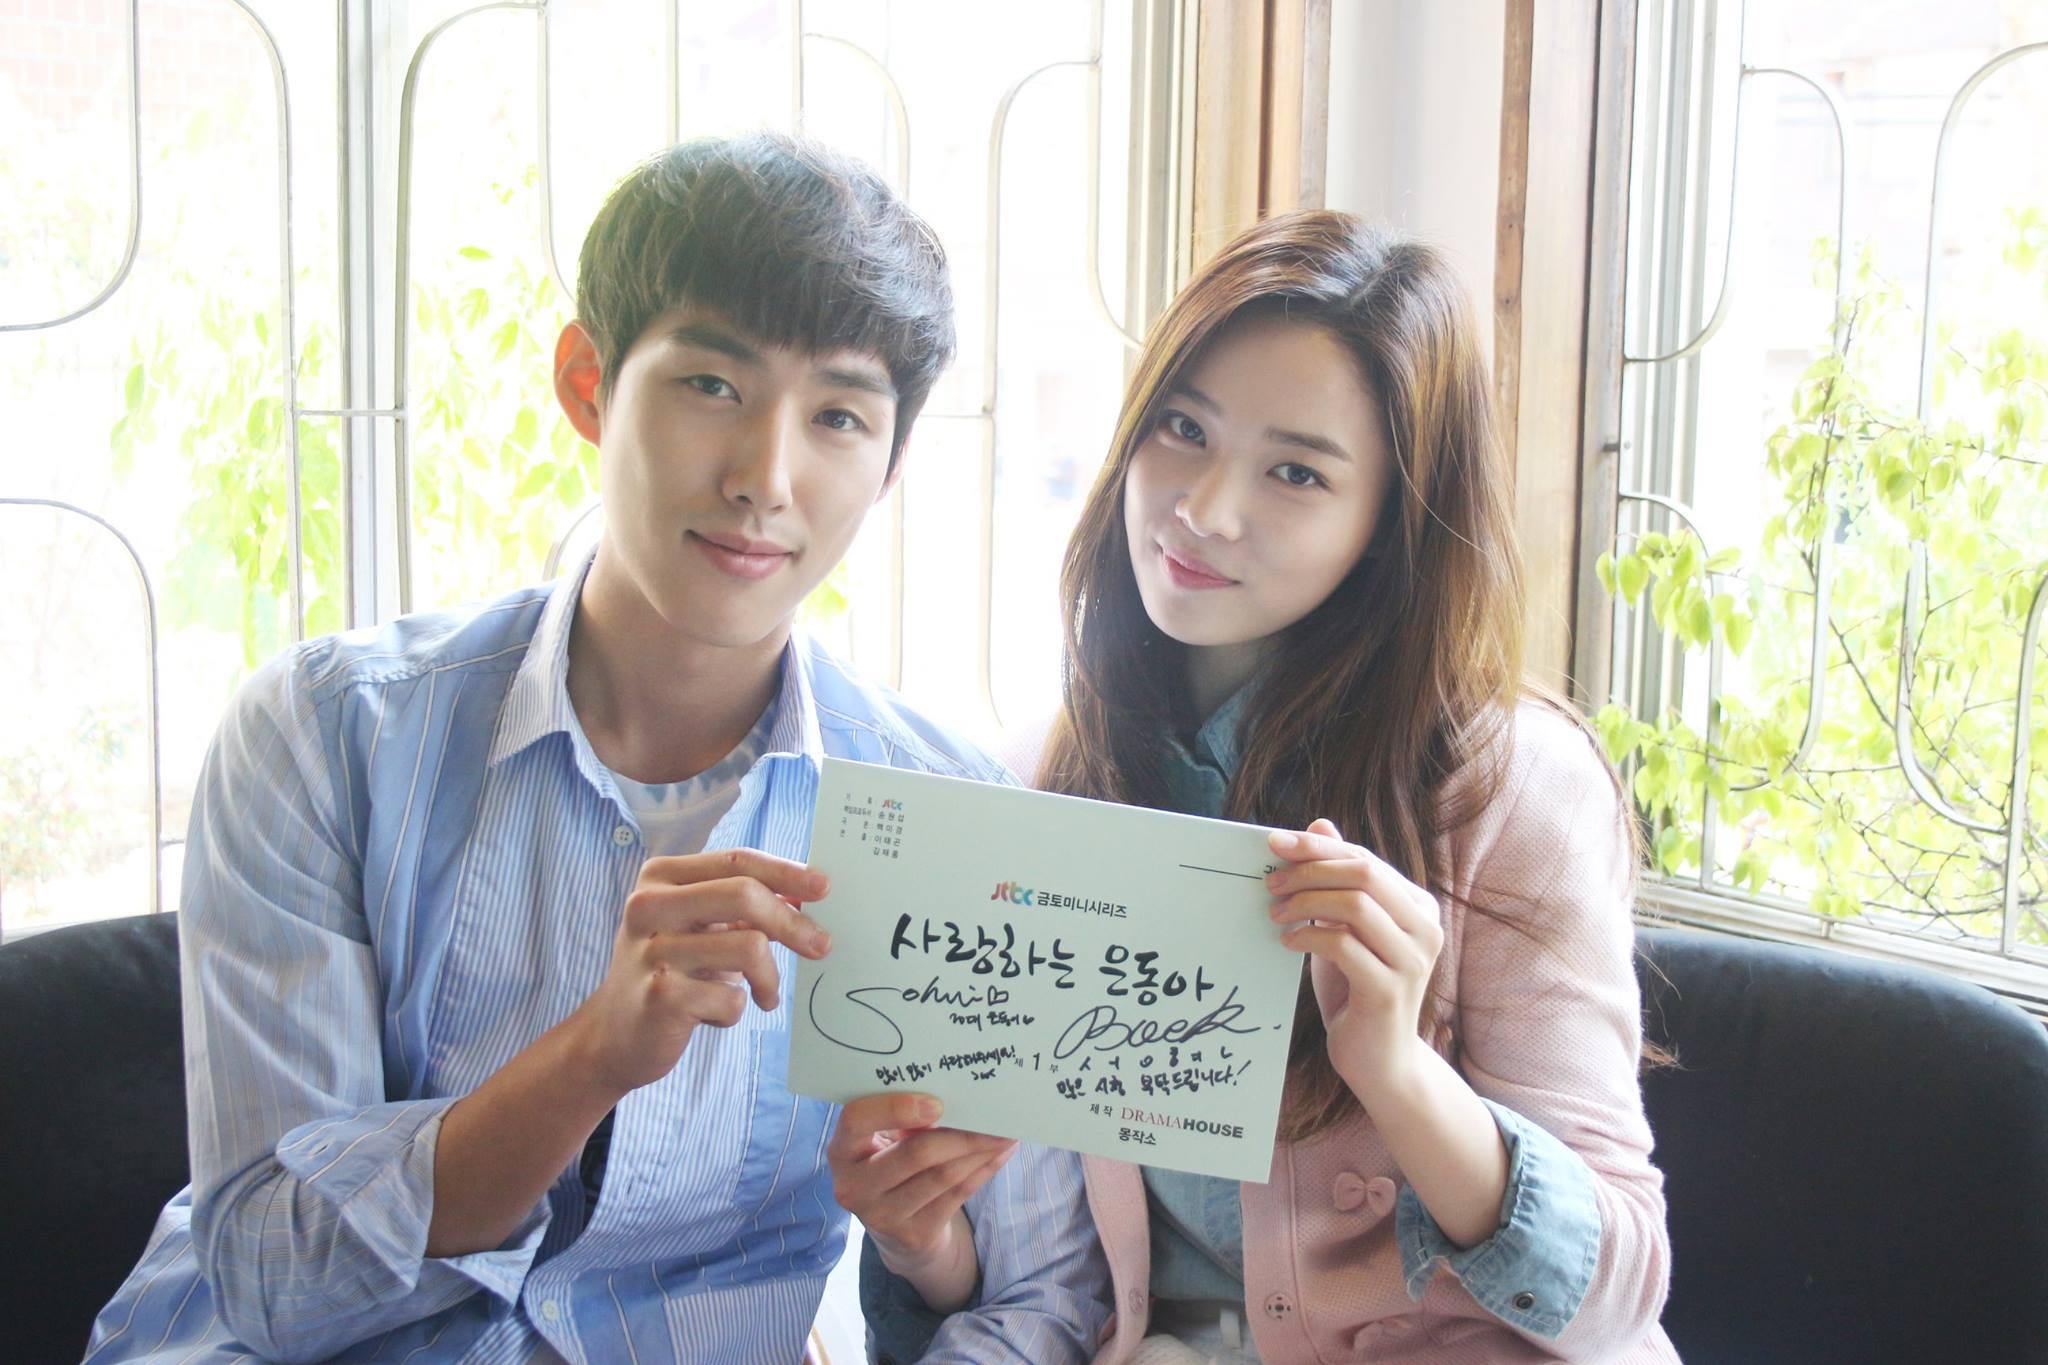 Sung-Hyun Baek and So-hee Yoon at an event for Sa-rang-ha-neun eun-dong-ah (2015)